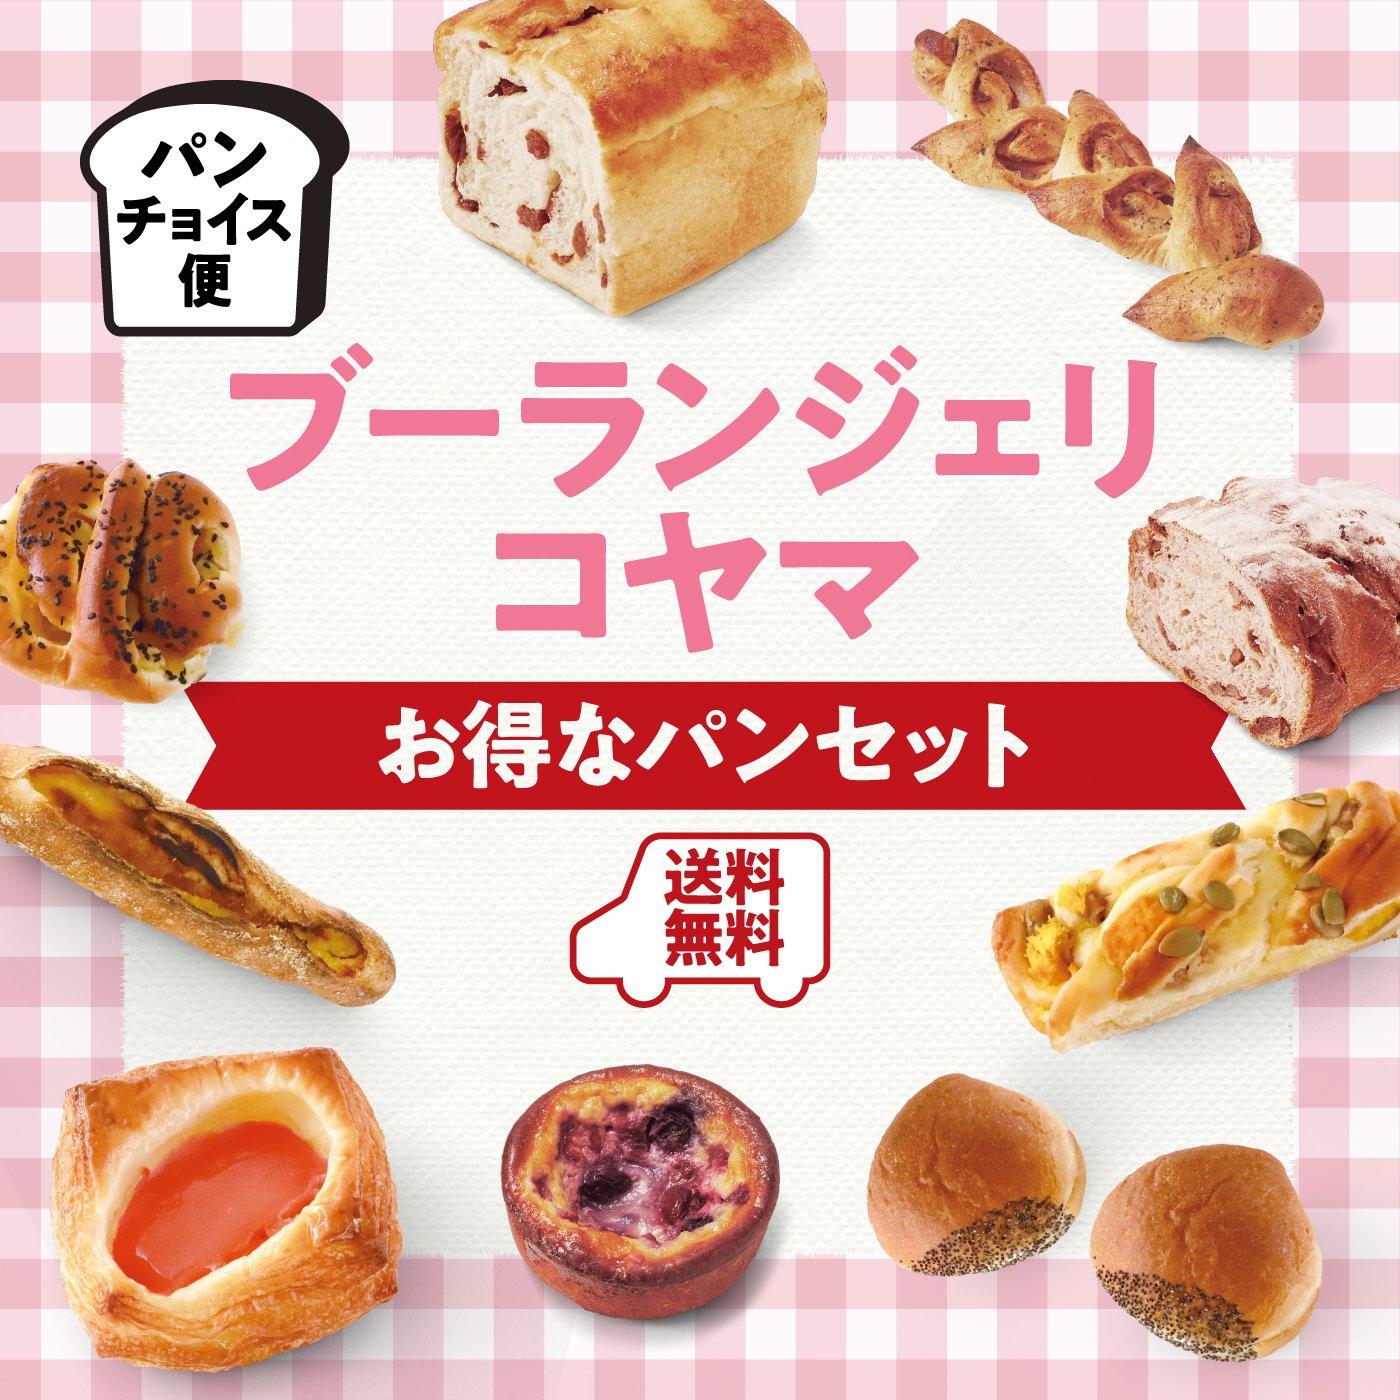 【送料無料】ブーランジェリコヤマ お得なパンセット【パンチョイス便】